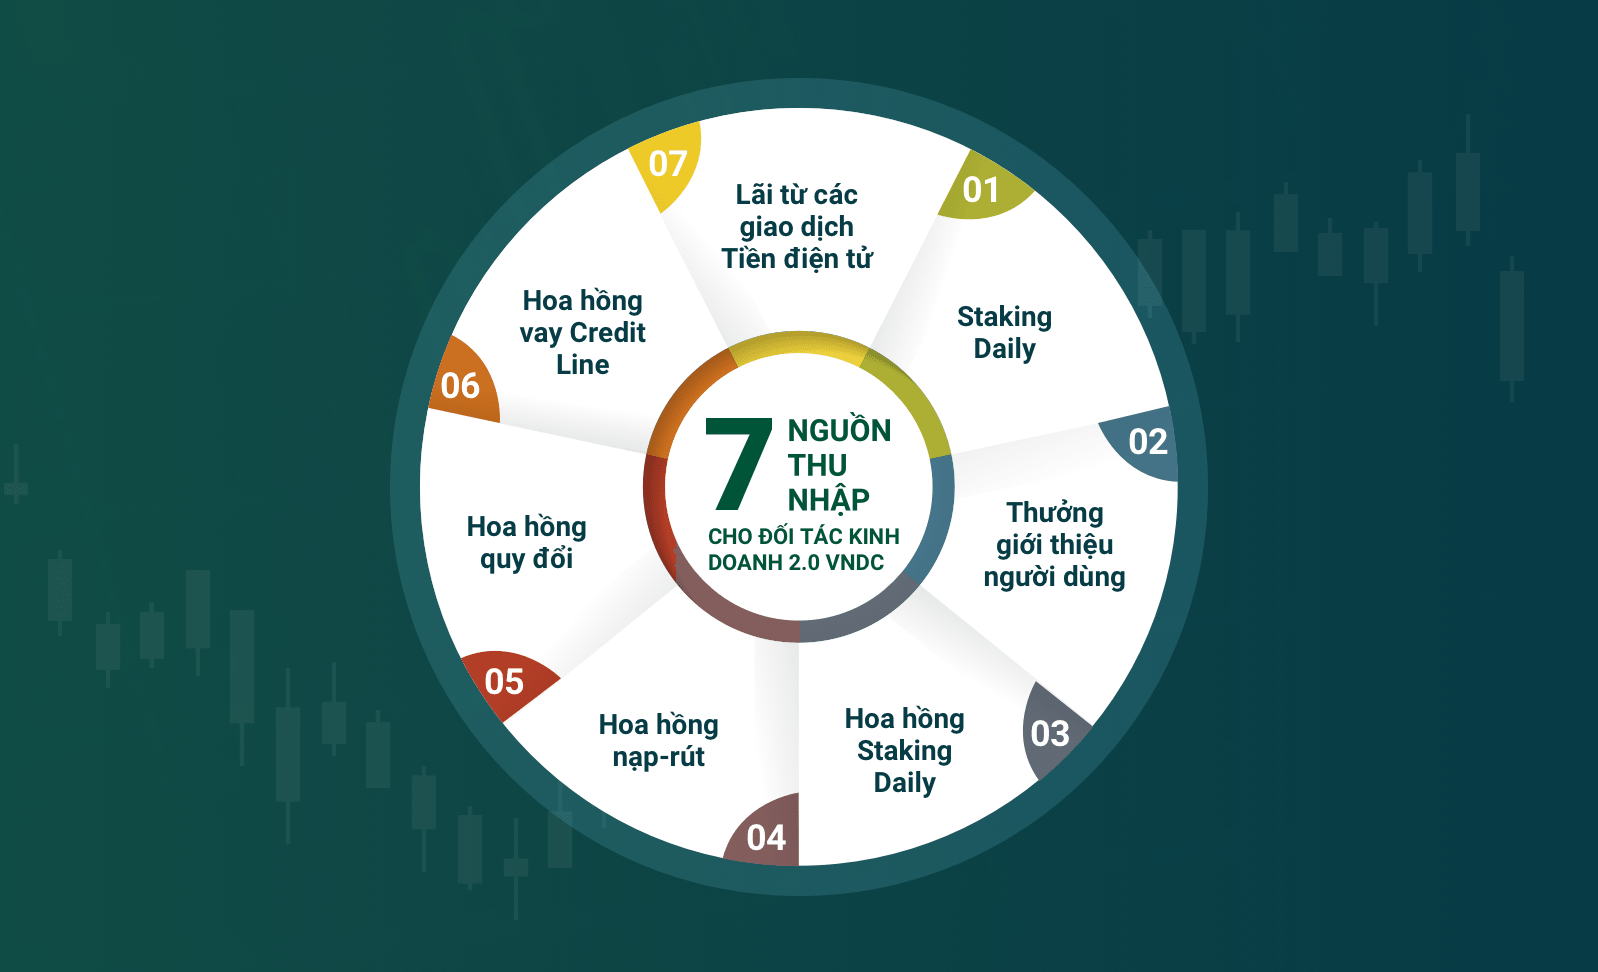 7 nguồn thu nhập cho Đối tác Kinh doanh 2.0 VNDC